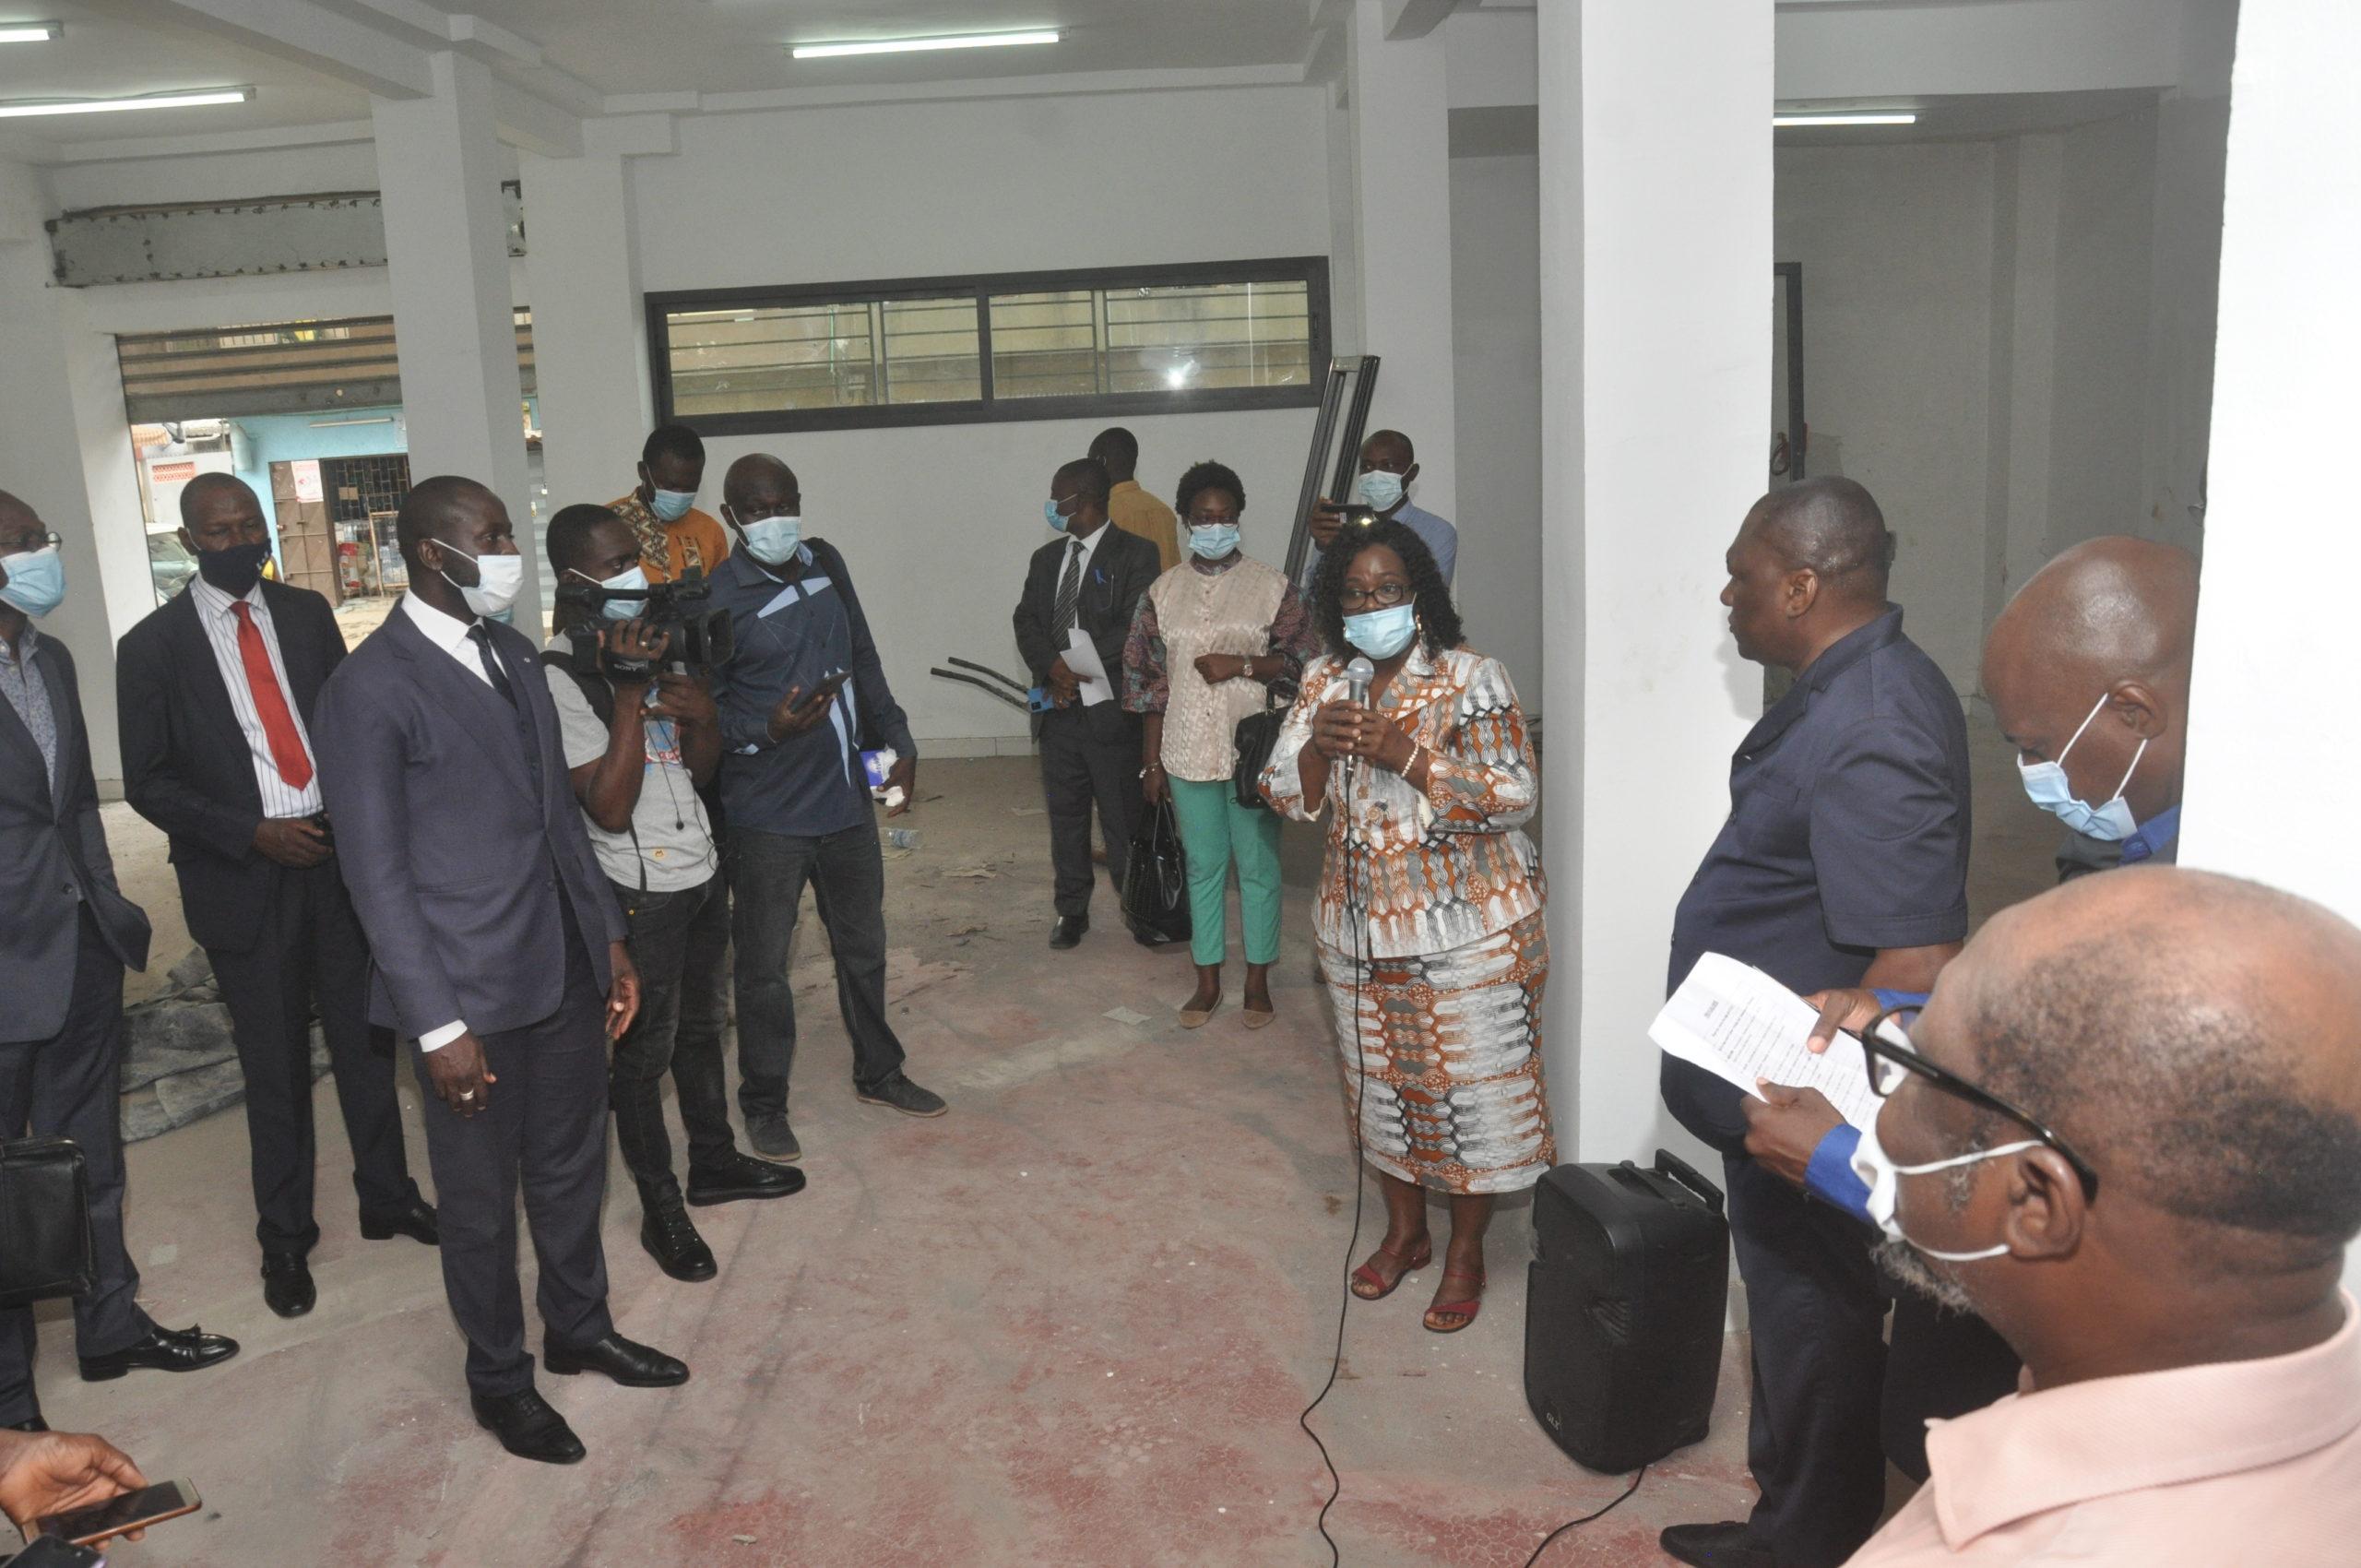 CÔTE D'IVOIRE / Interventions dans le secteur des médias Le FSDP s'informe sur les chantiers financés